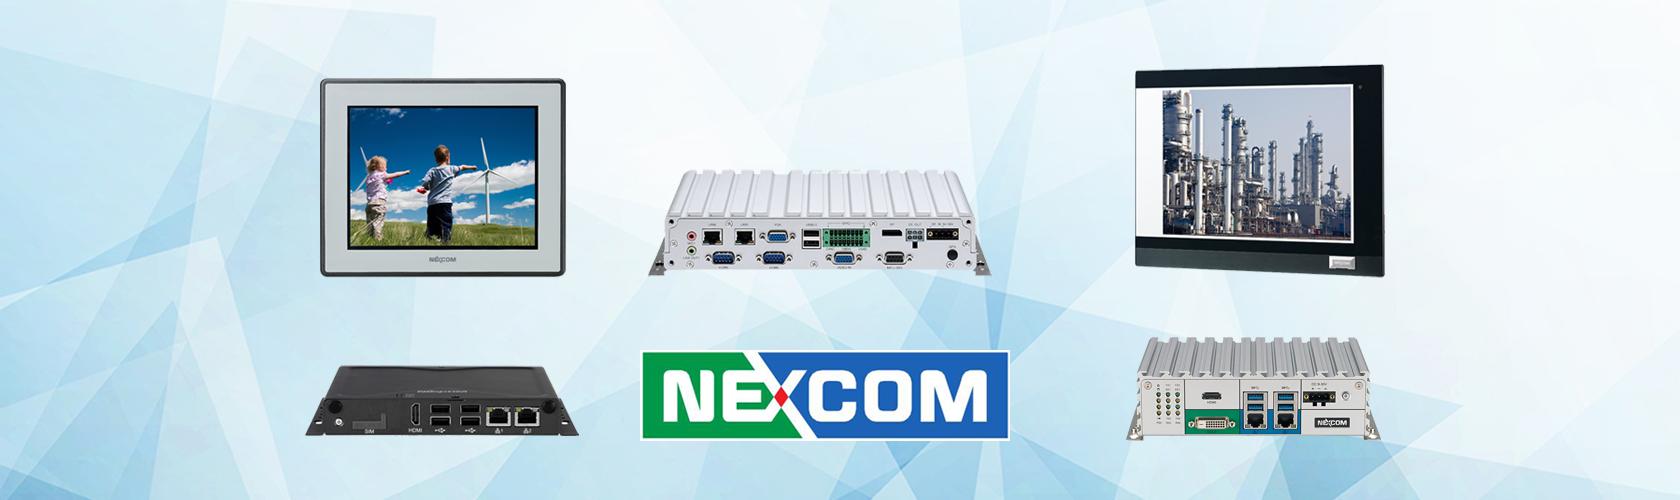 Nexcom Computadoras Industriales